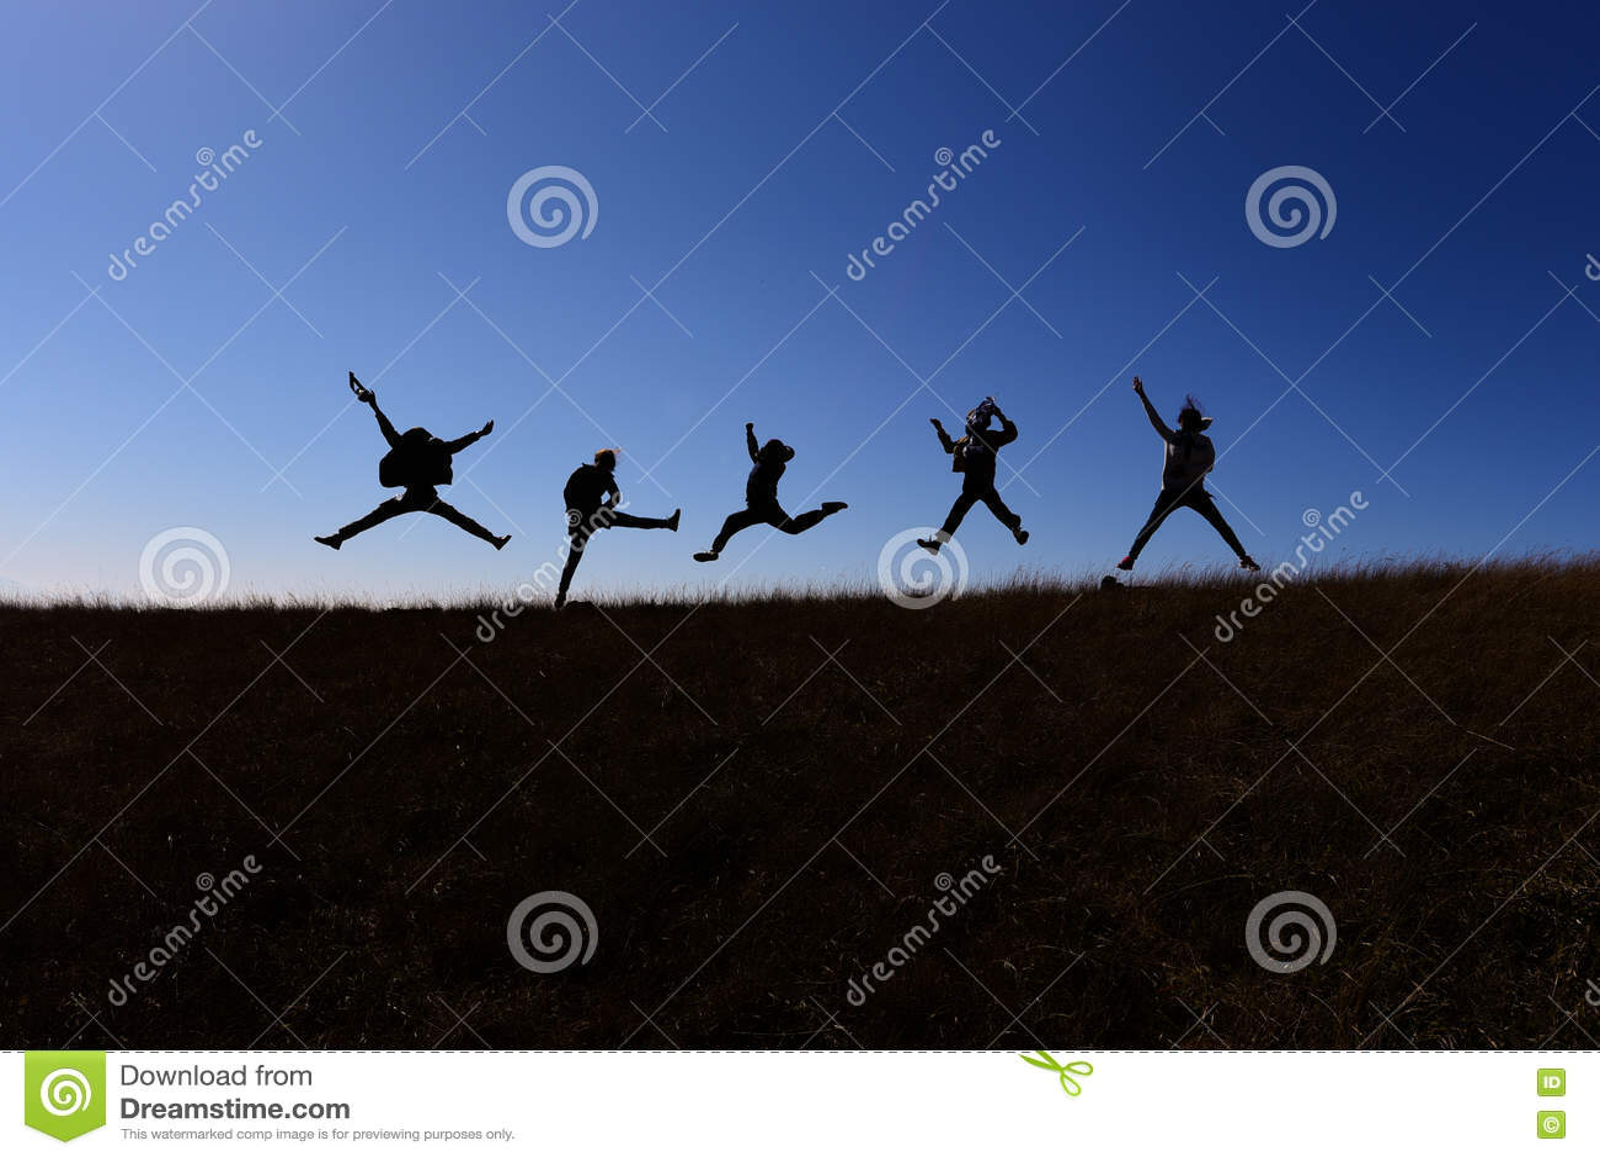 Ils sautent tout en marchant sur une colline